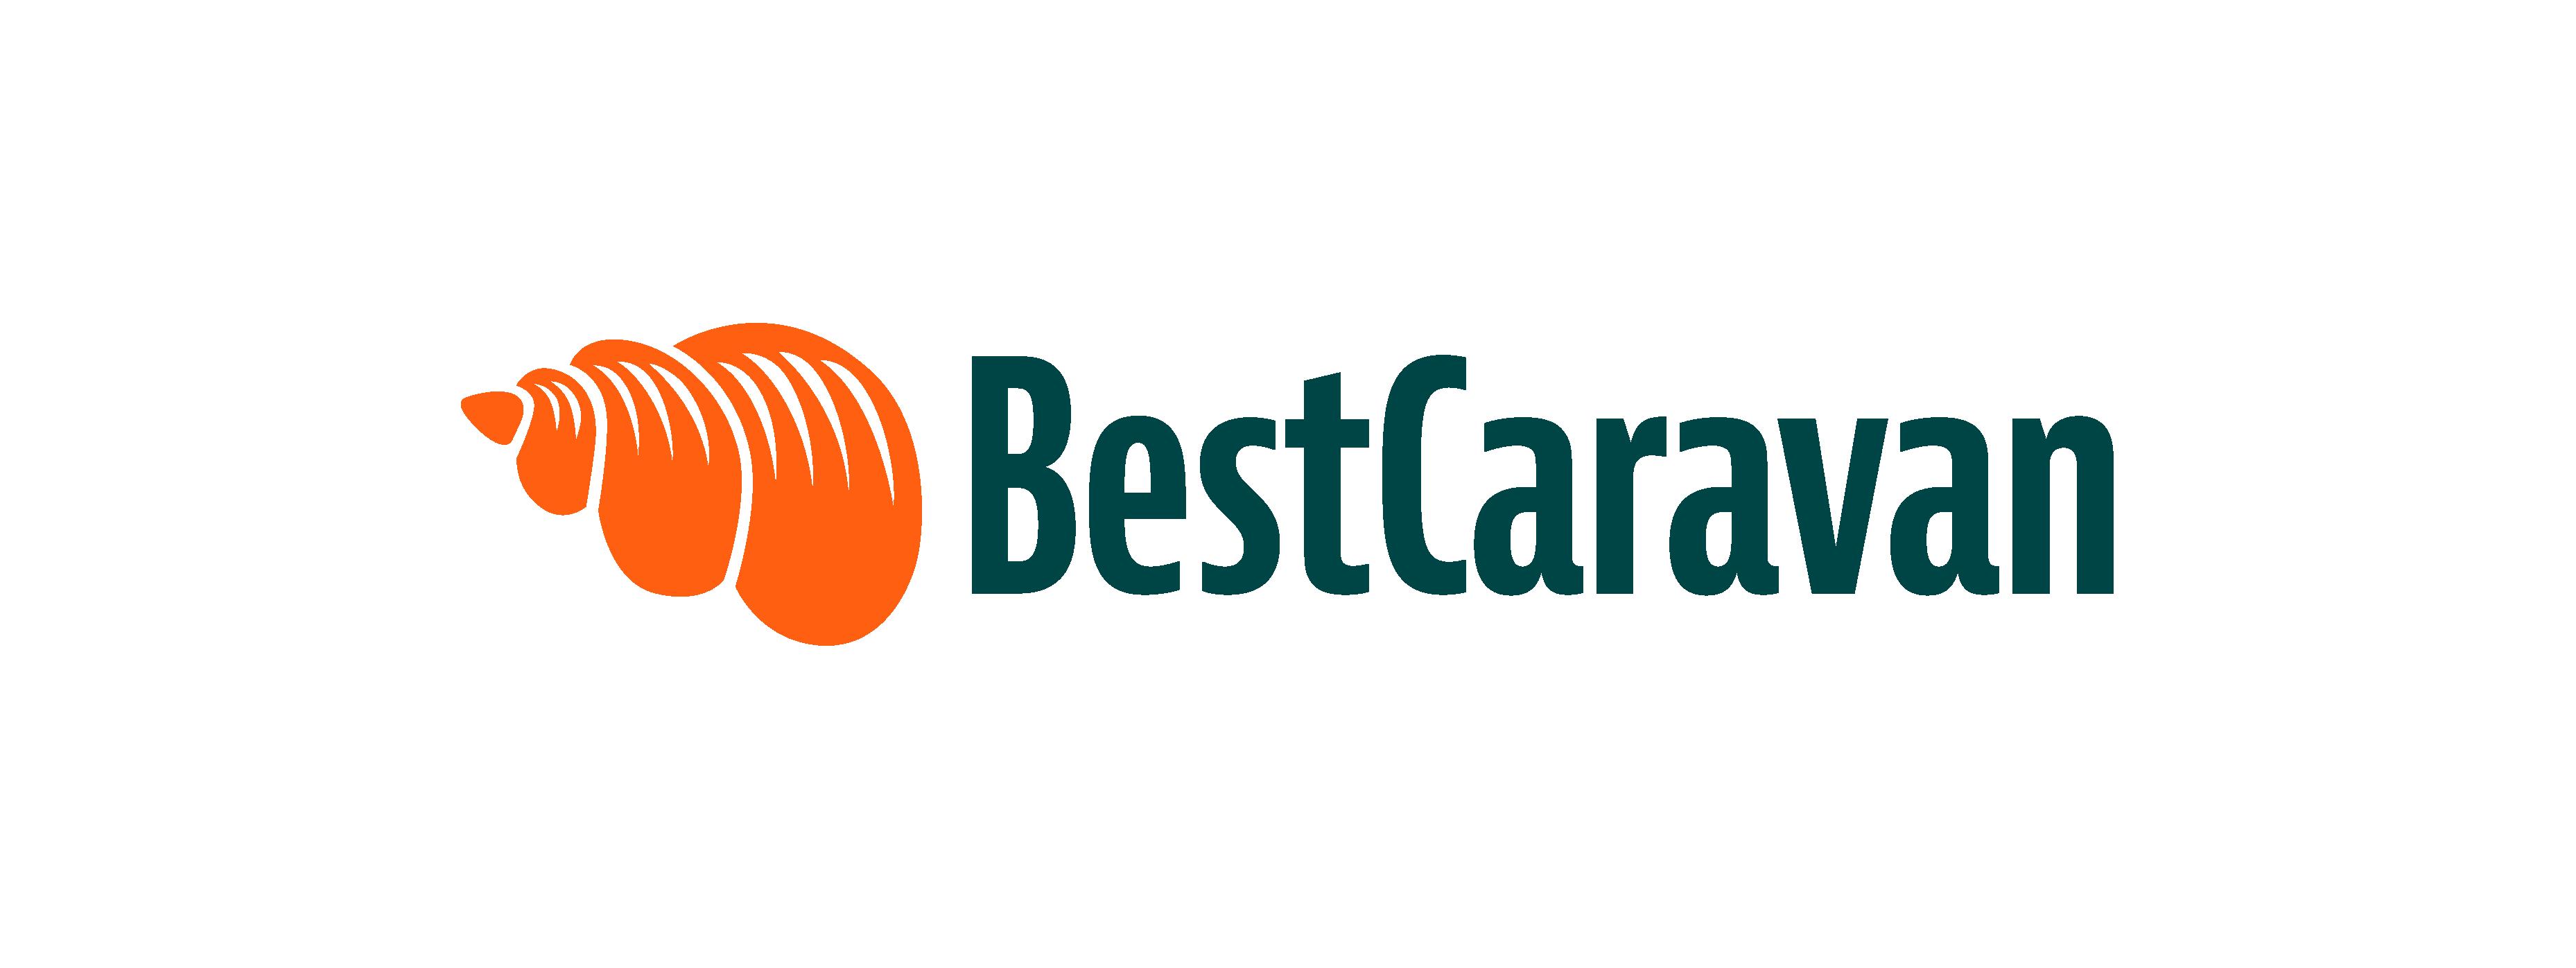 Best-Caravan